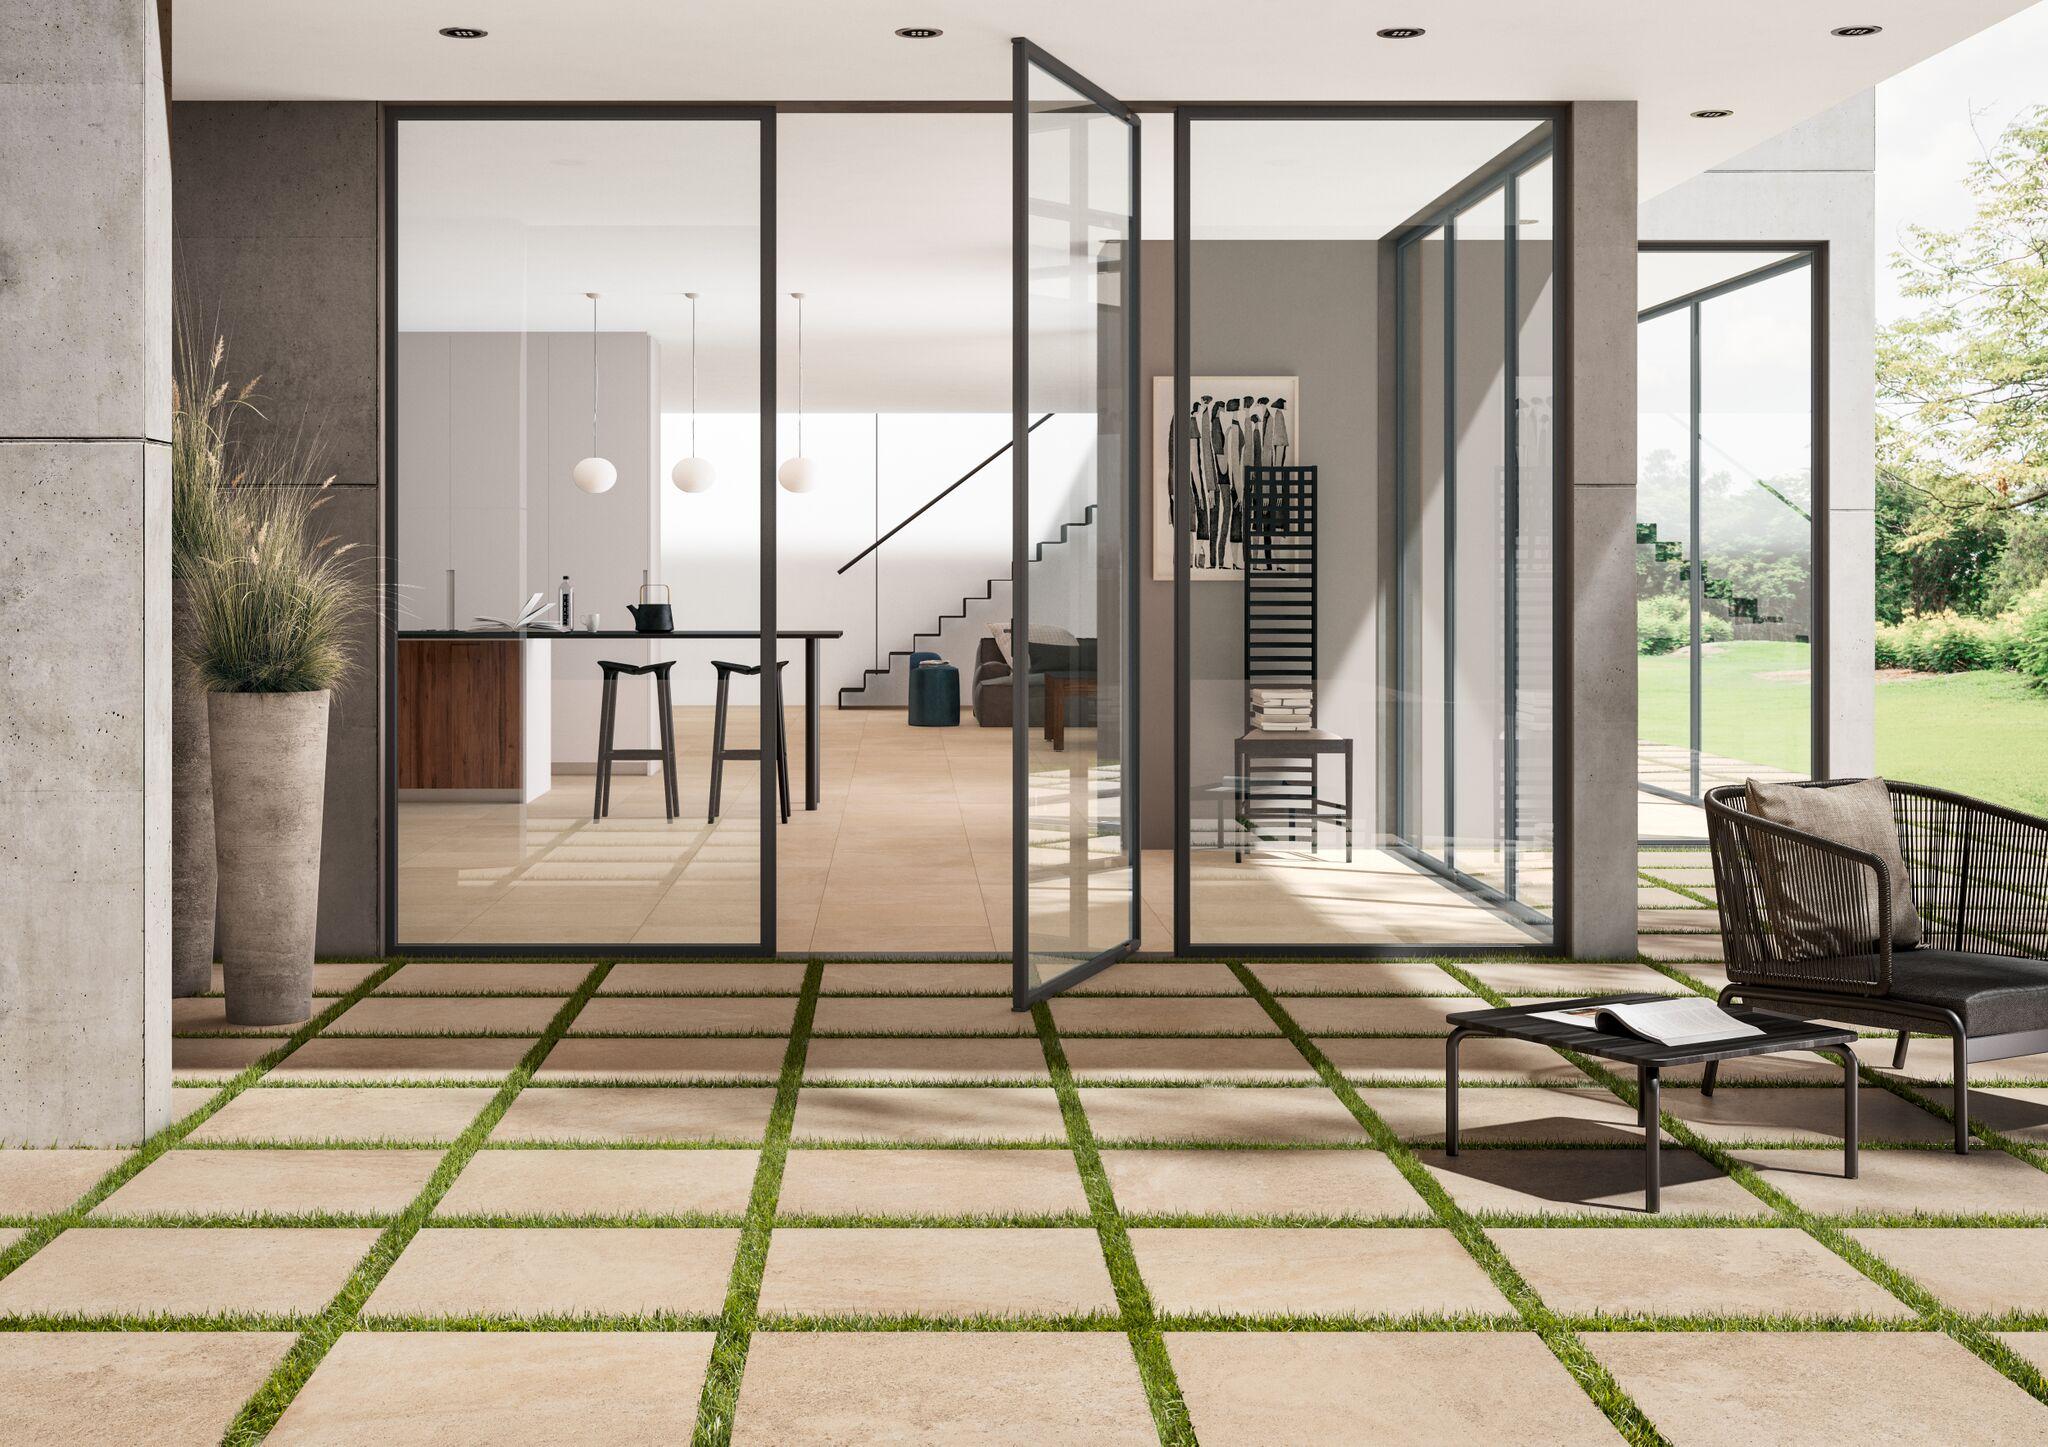 interiorlines_systeml2-cliffstone-beige-madeira-60x60-esterno_preview.jpeg